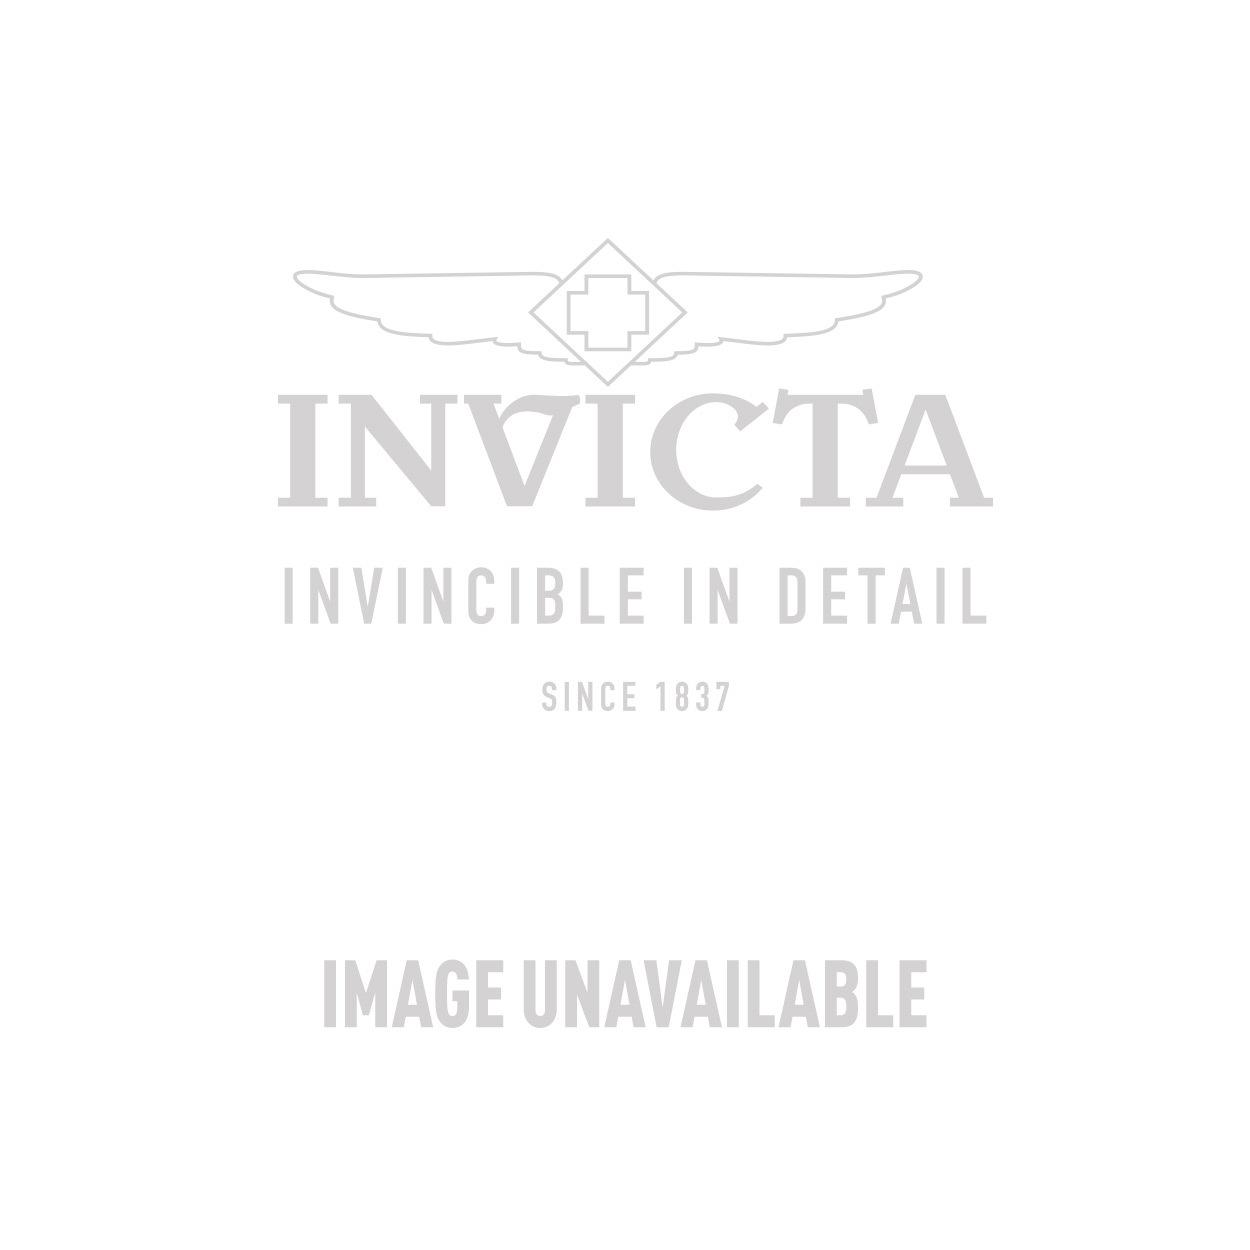 Invicta Model 25780